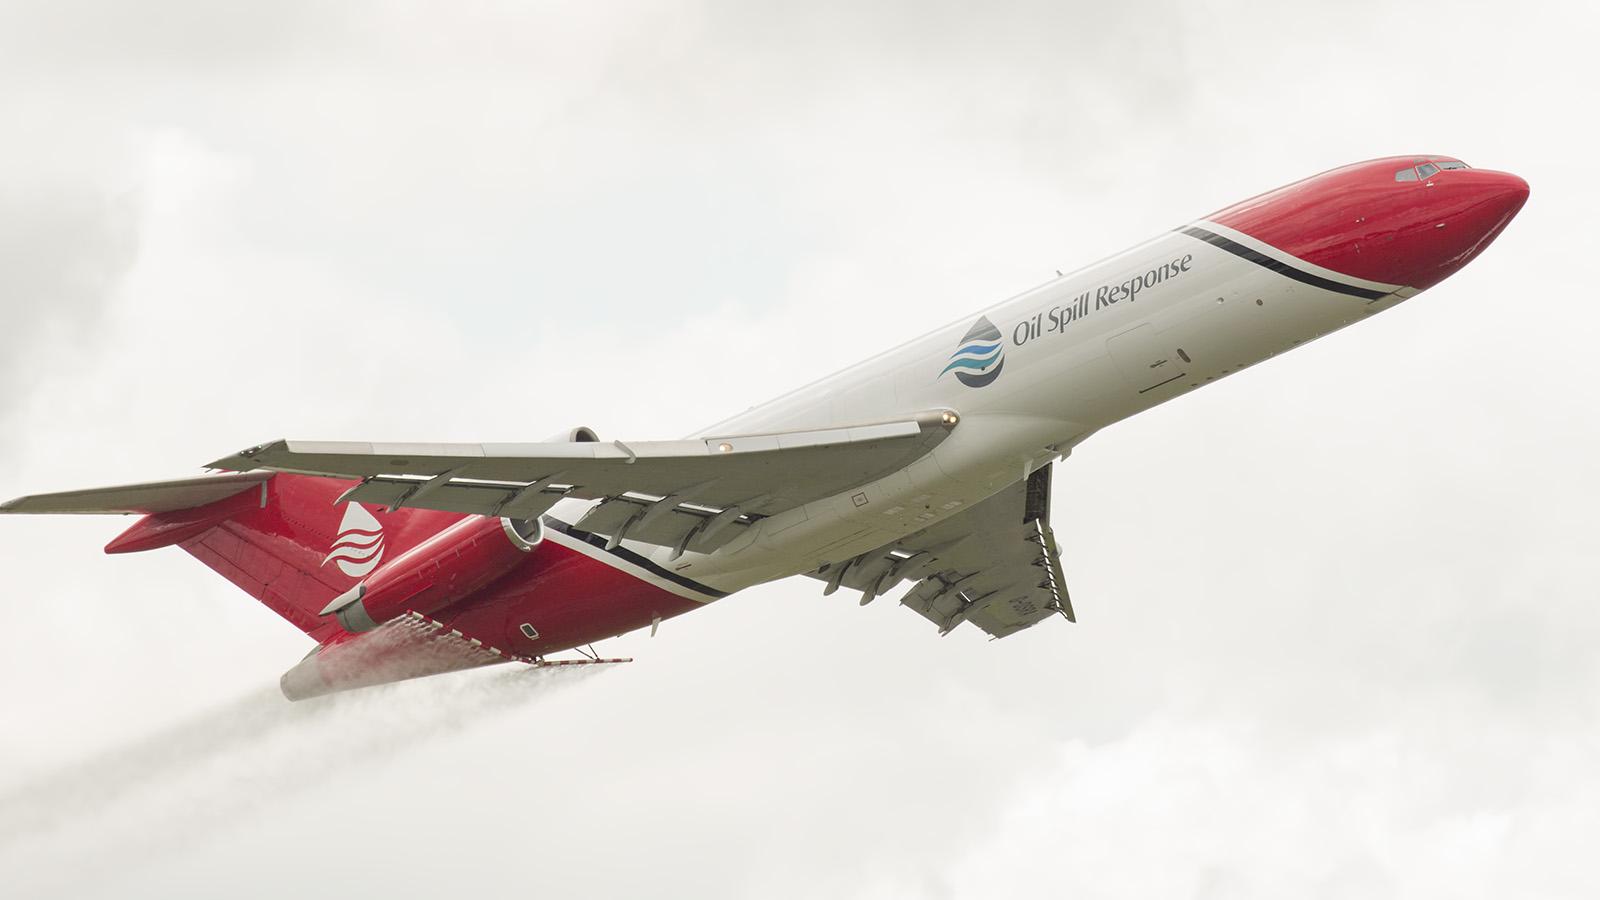 _IMG5962 Boeing 727-2S2FAdv RE Super 27 G-OSRA Oil Spill Response s